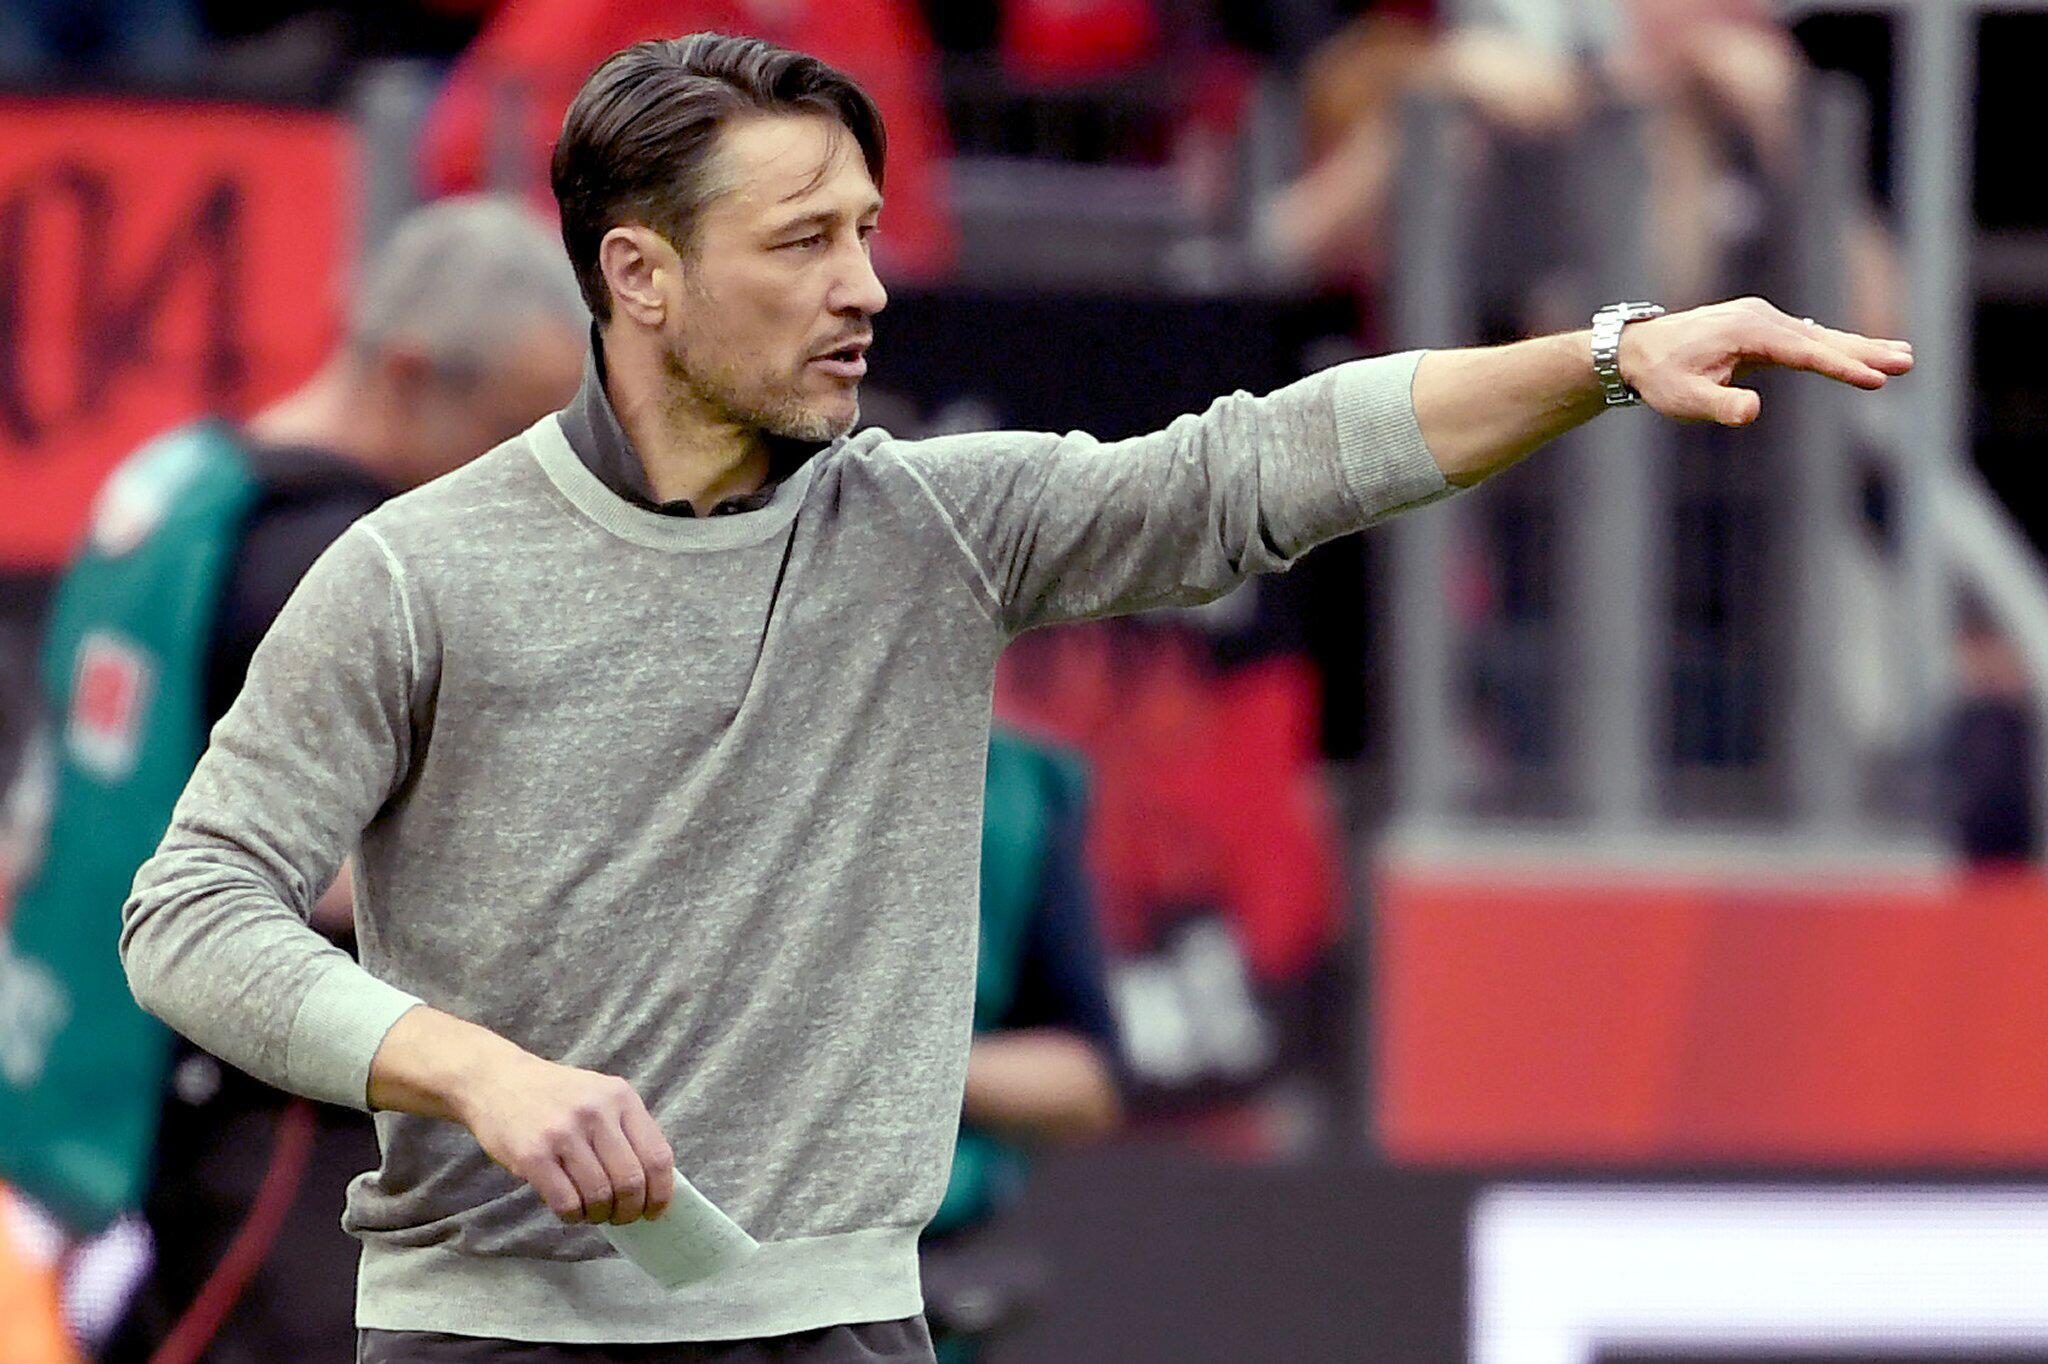 Bild zu Niko Kovac, Bundesliga, Bayer 04 Leverkusen - Eintracht Frankfurt, BayArena, 30. Spieltag